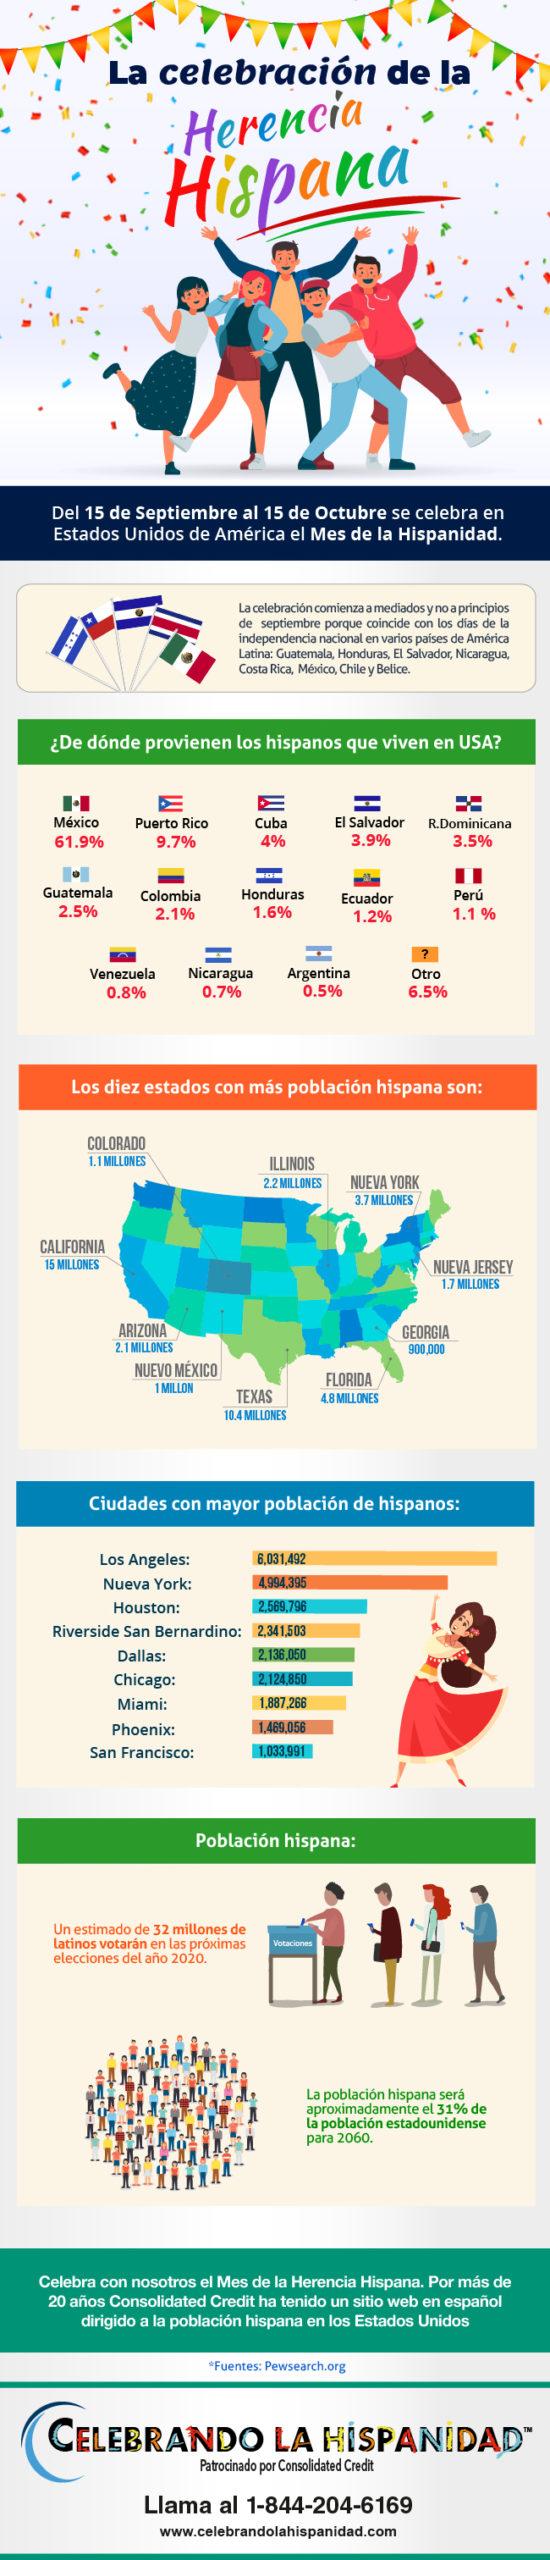 Durante la última década la comunidad hispana se convirtió en el motor del crecimiento poblacional estadounidense.